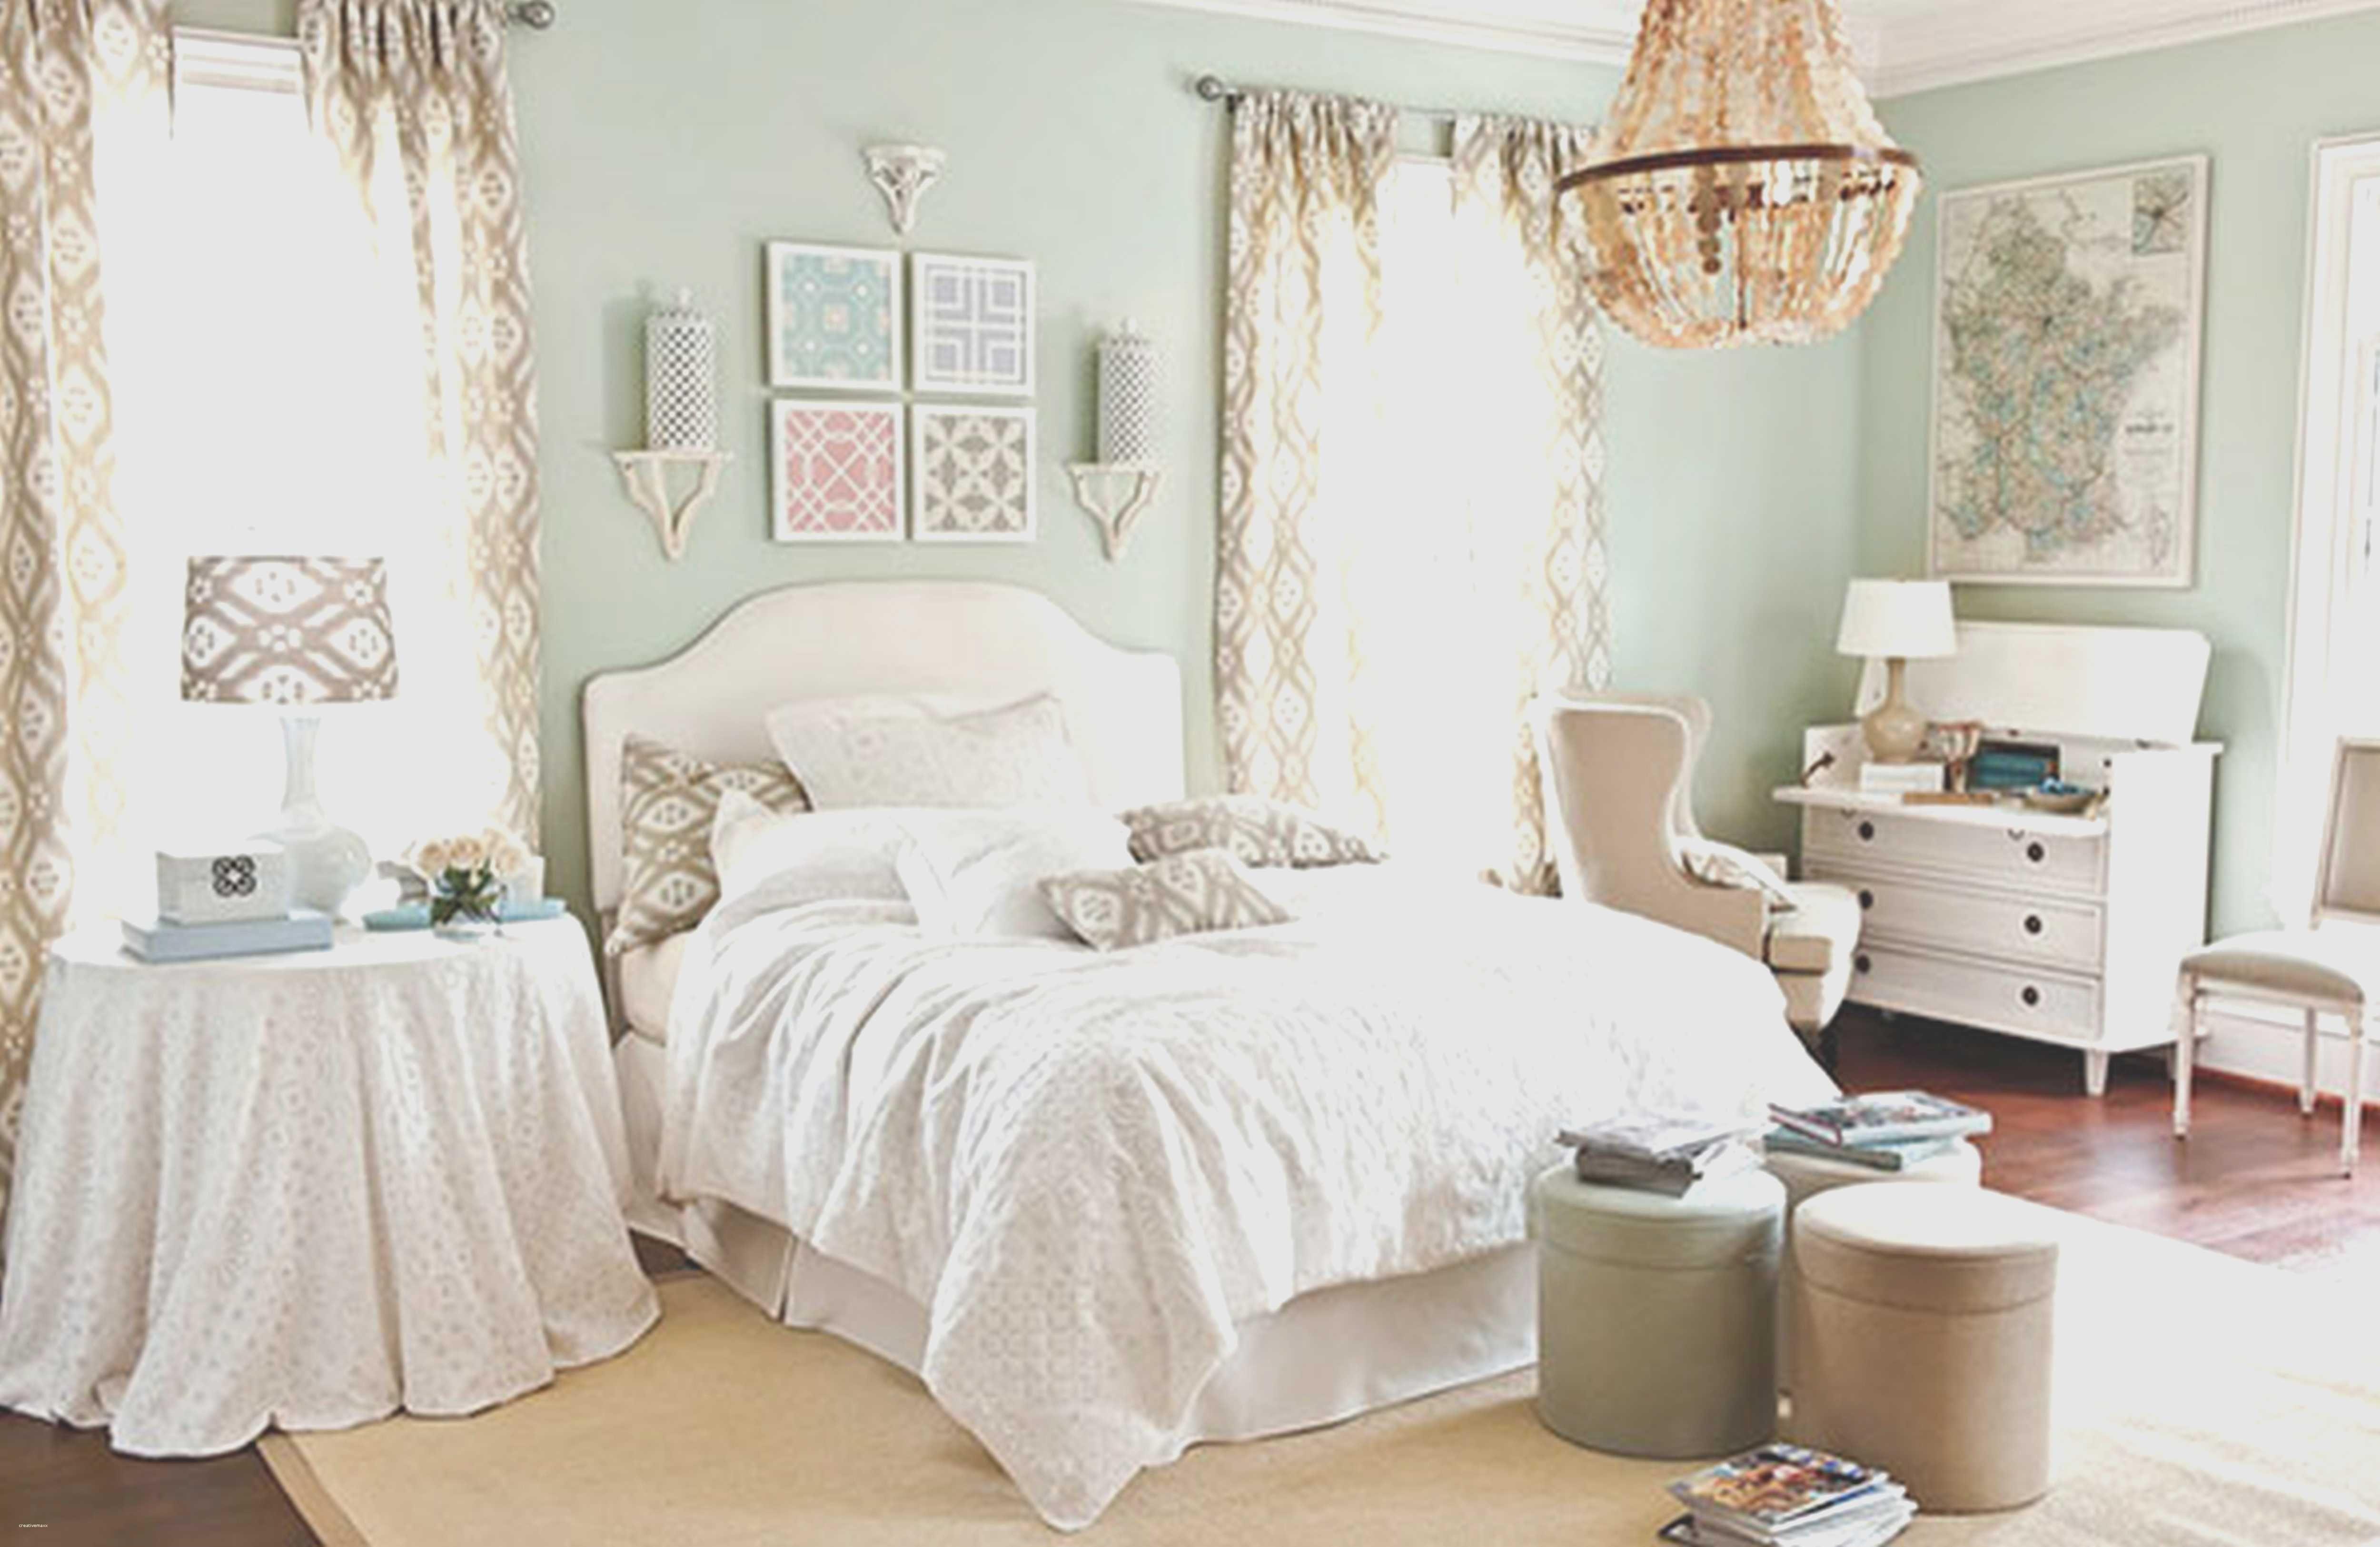 bedroom ideas for teenage girls vintage. Bedroom Ideas For Teenage Girls Vintage - Beautiful Vintage, Chic Modern Teens Room